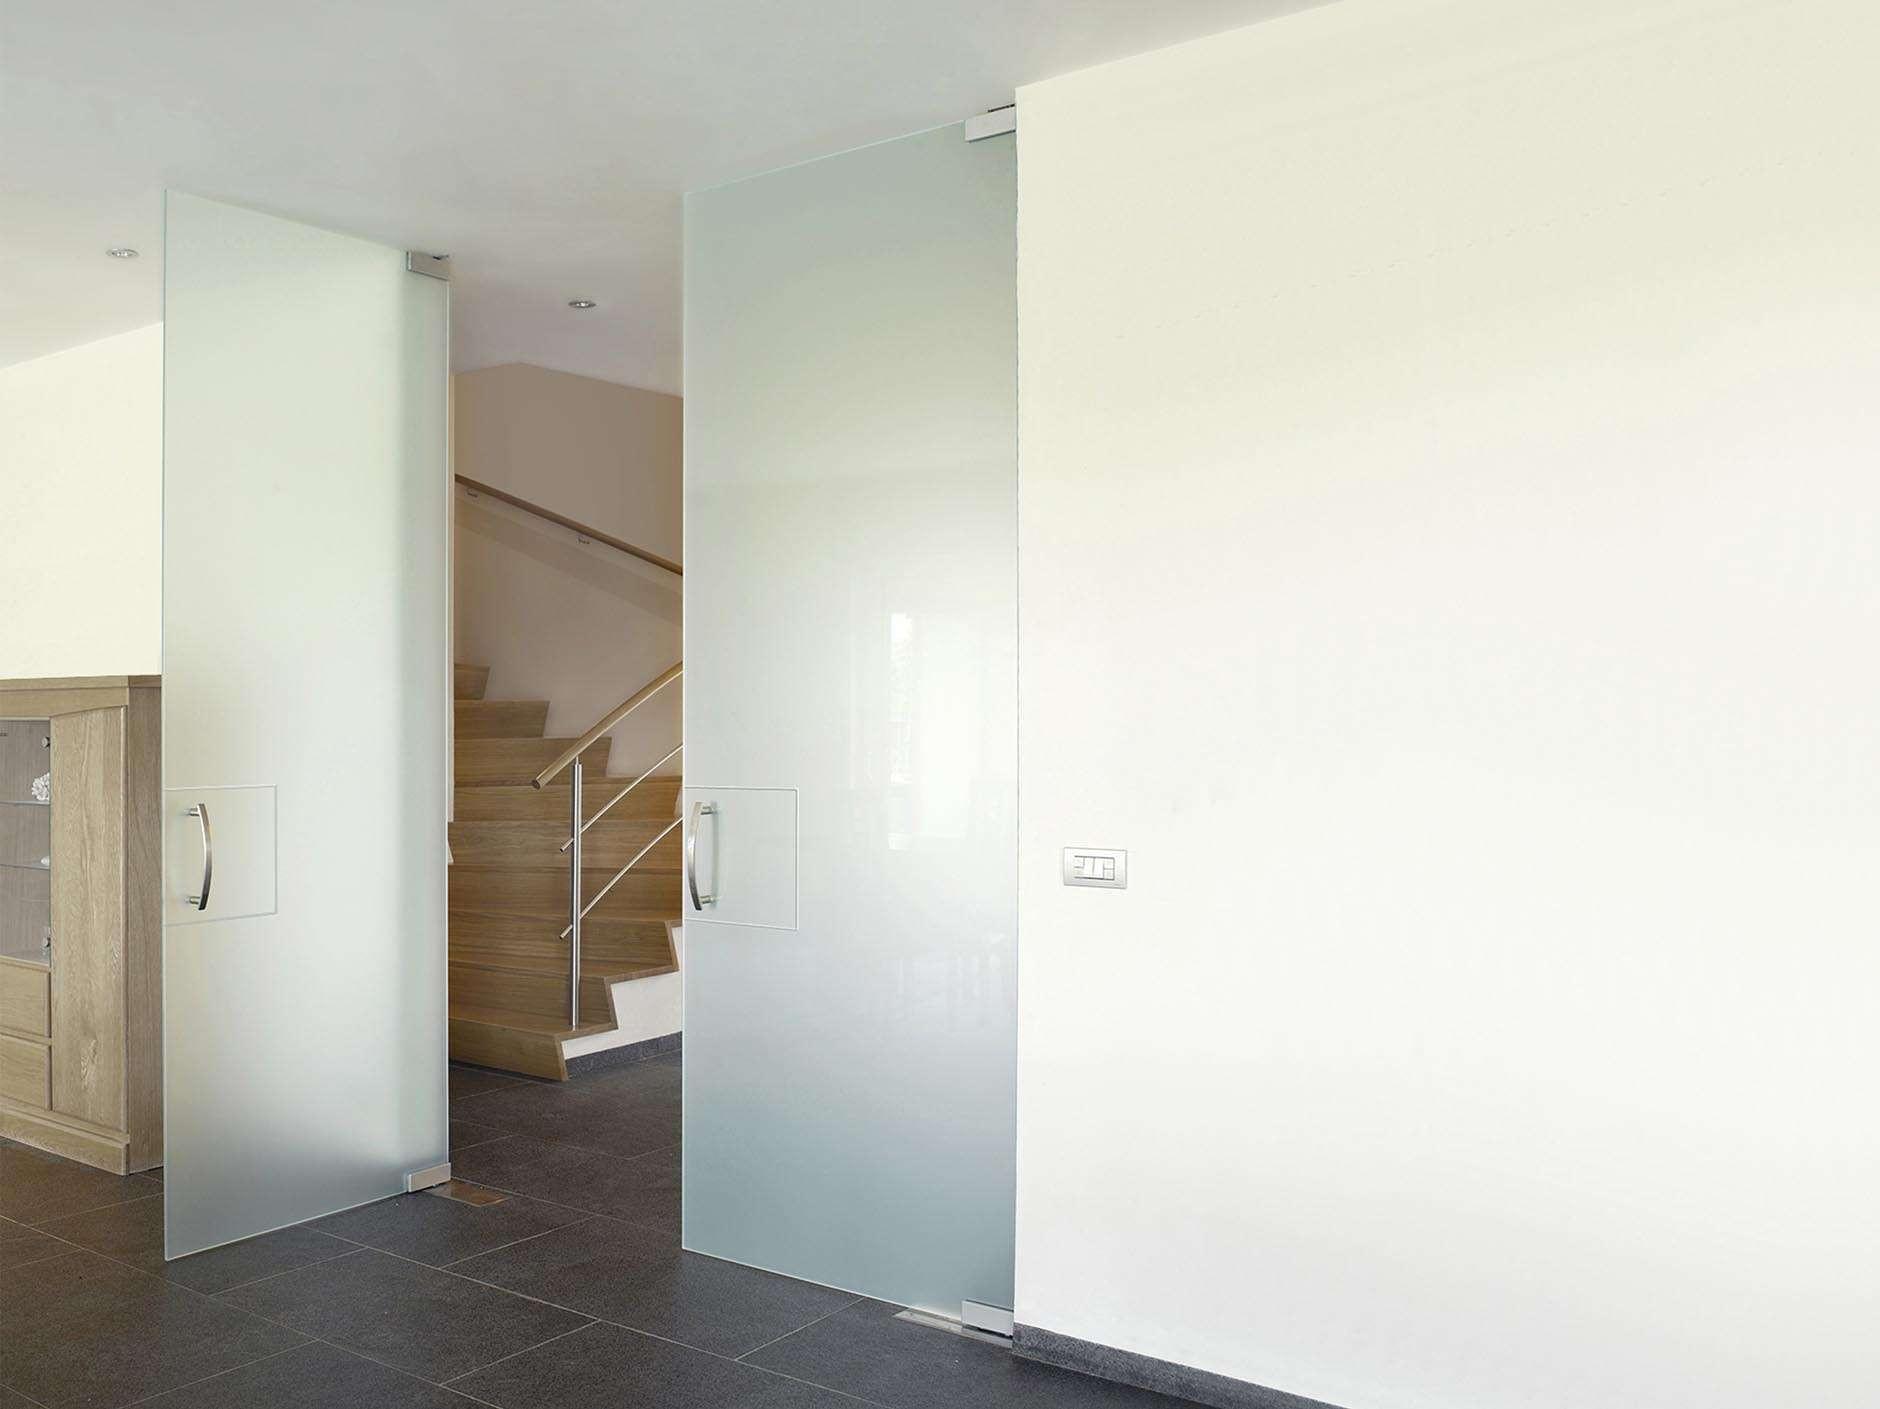 dubbele-glazen-deur-mat-vloerpomp